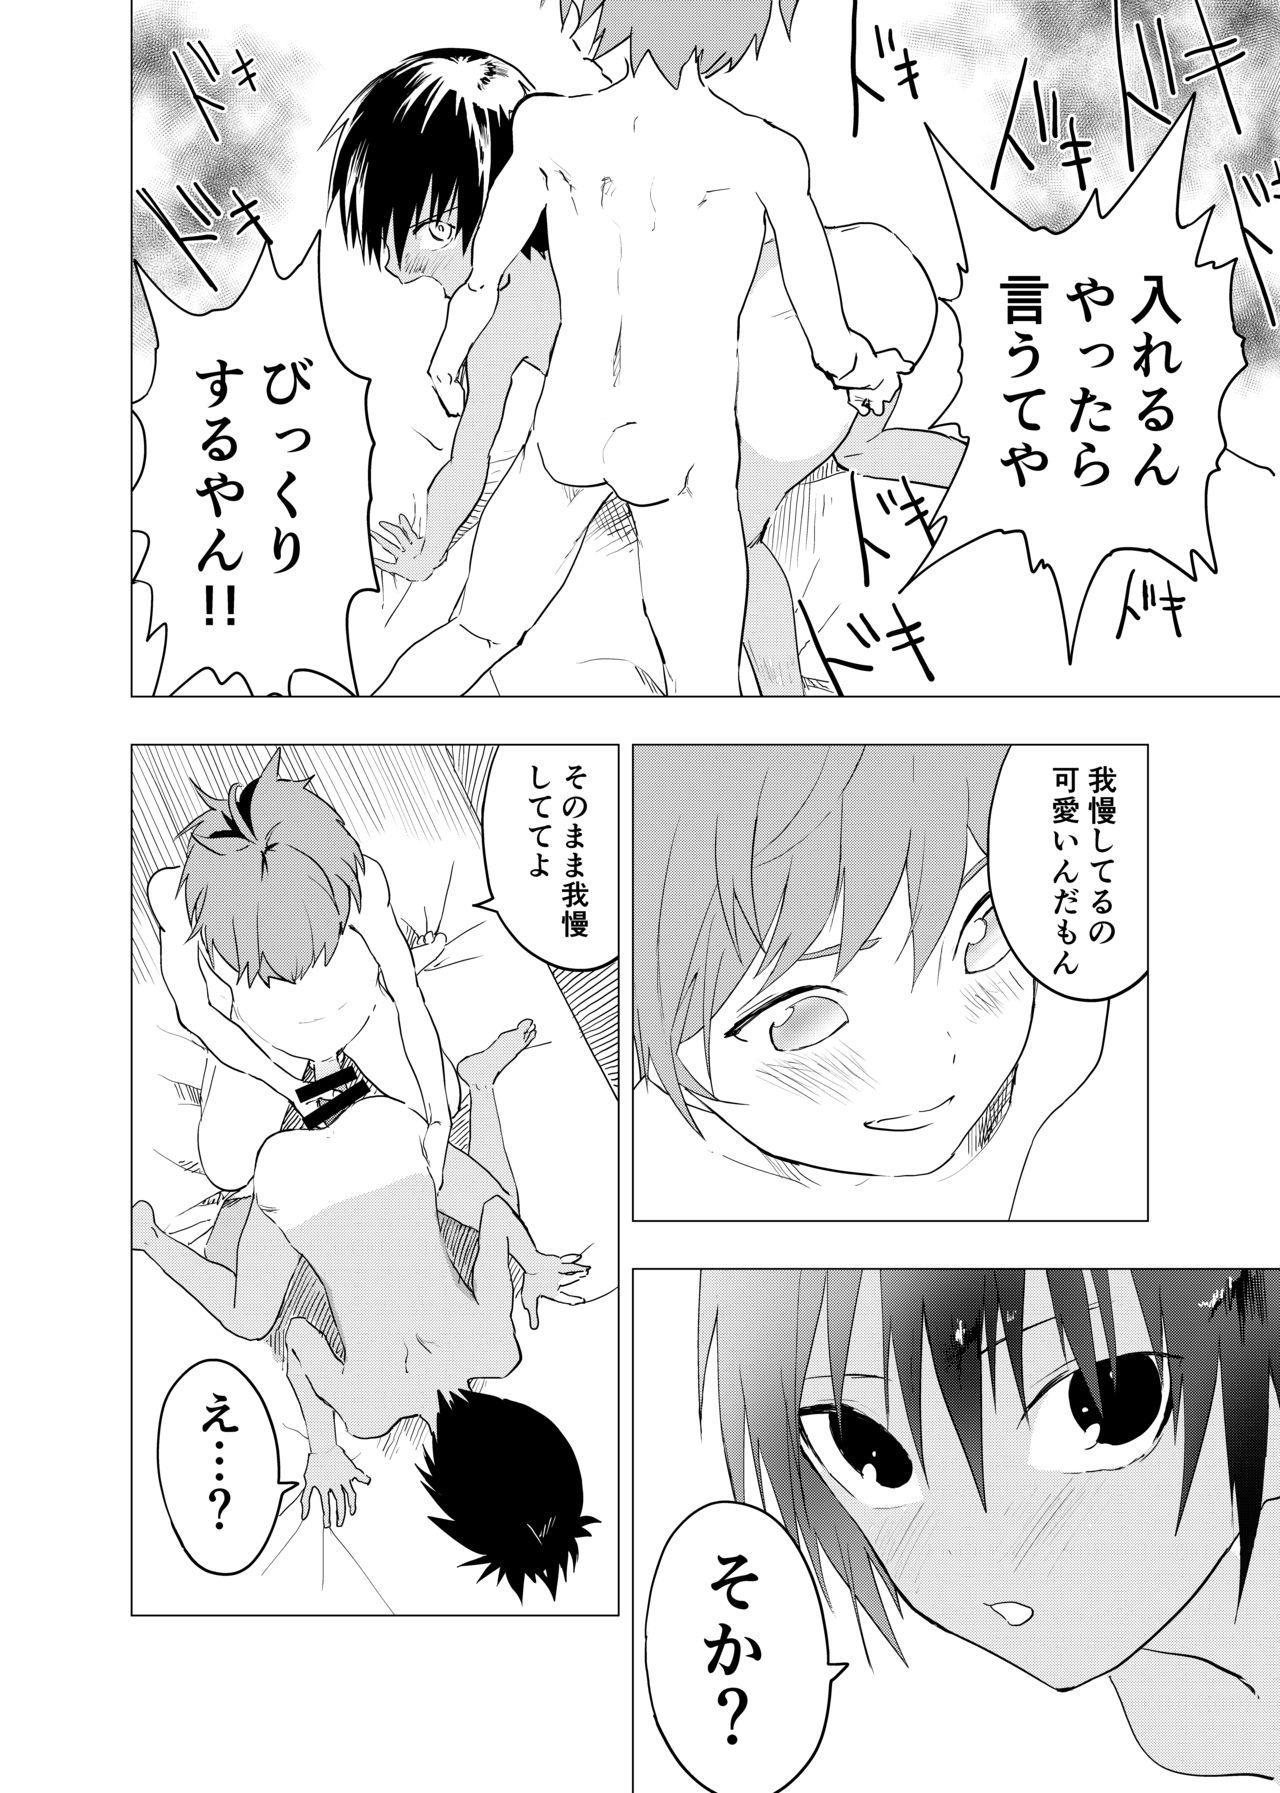 inaka nouke shounento tokai no zeme shounen no e ro manga 7 9